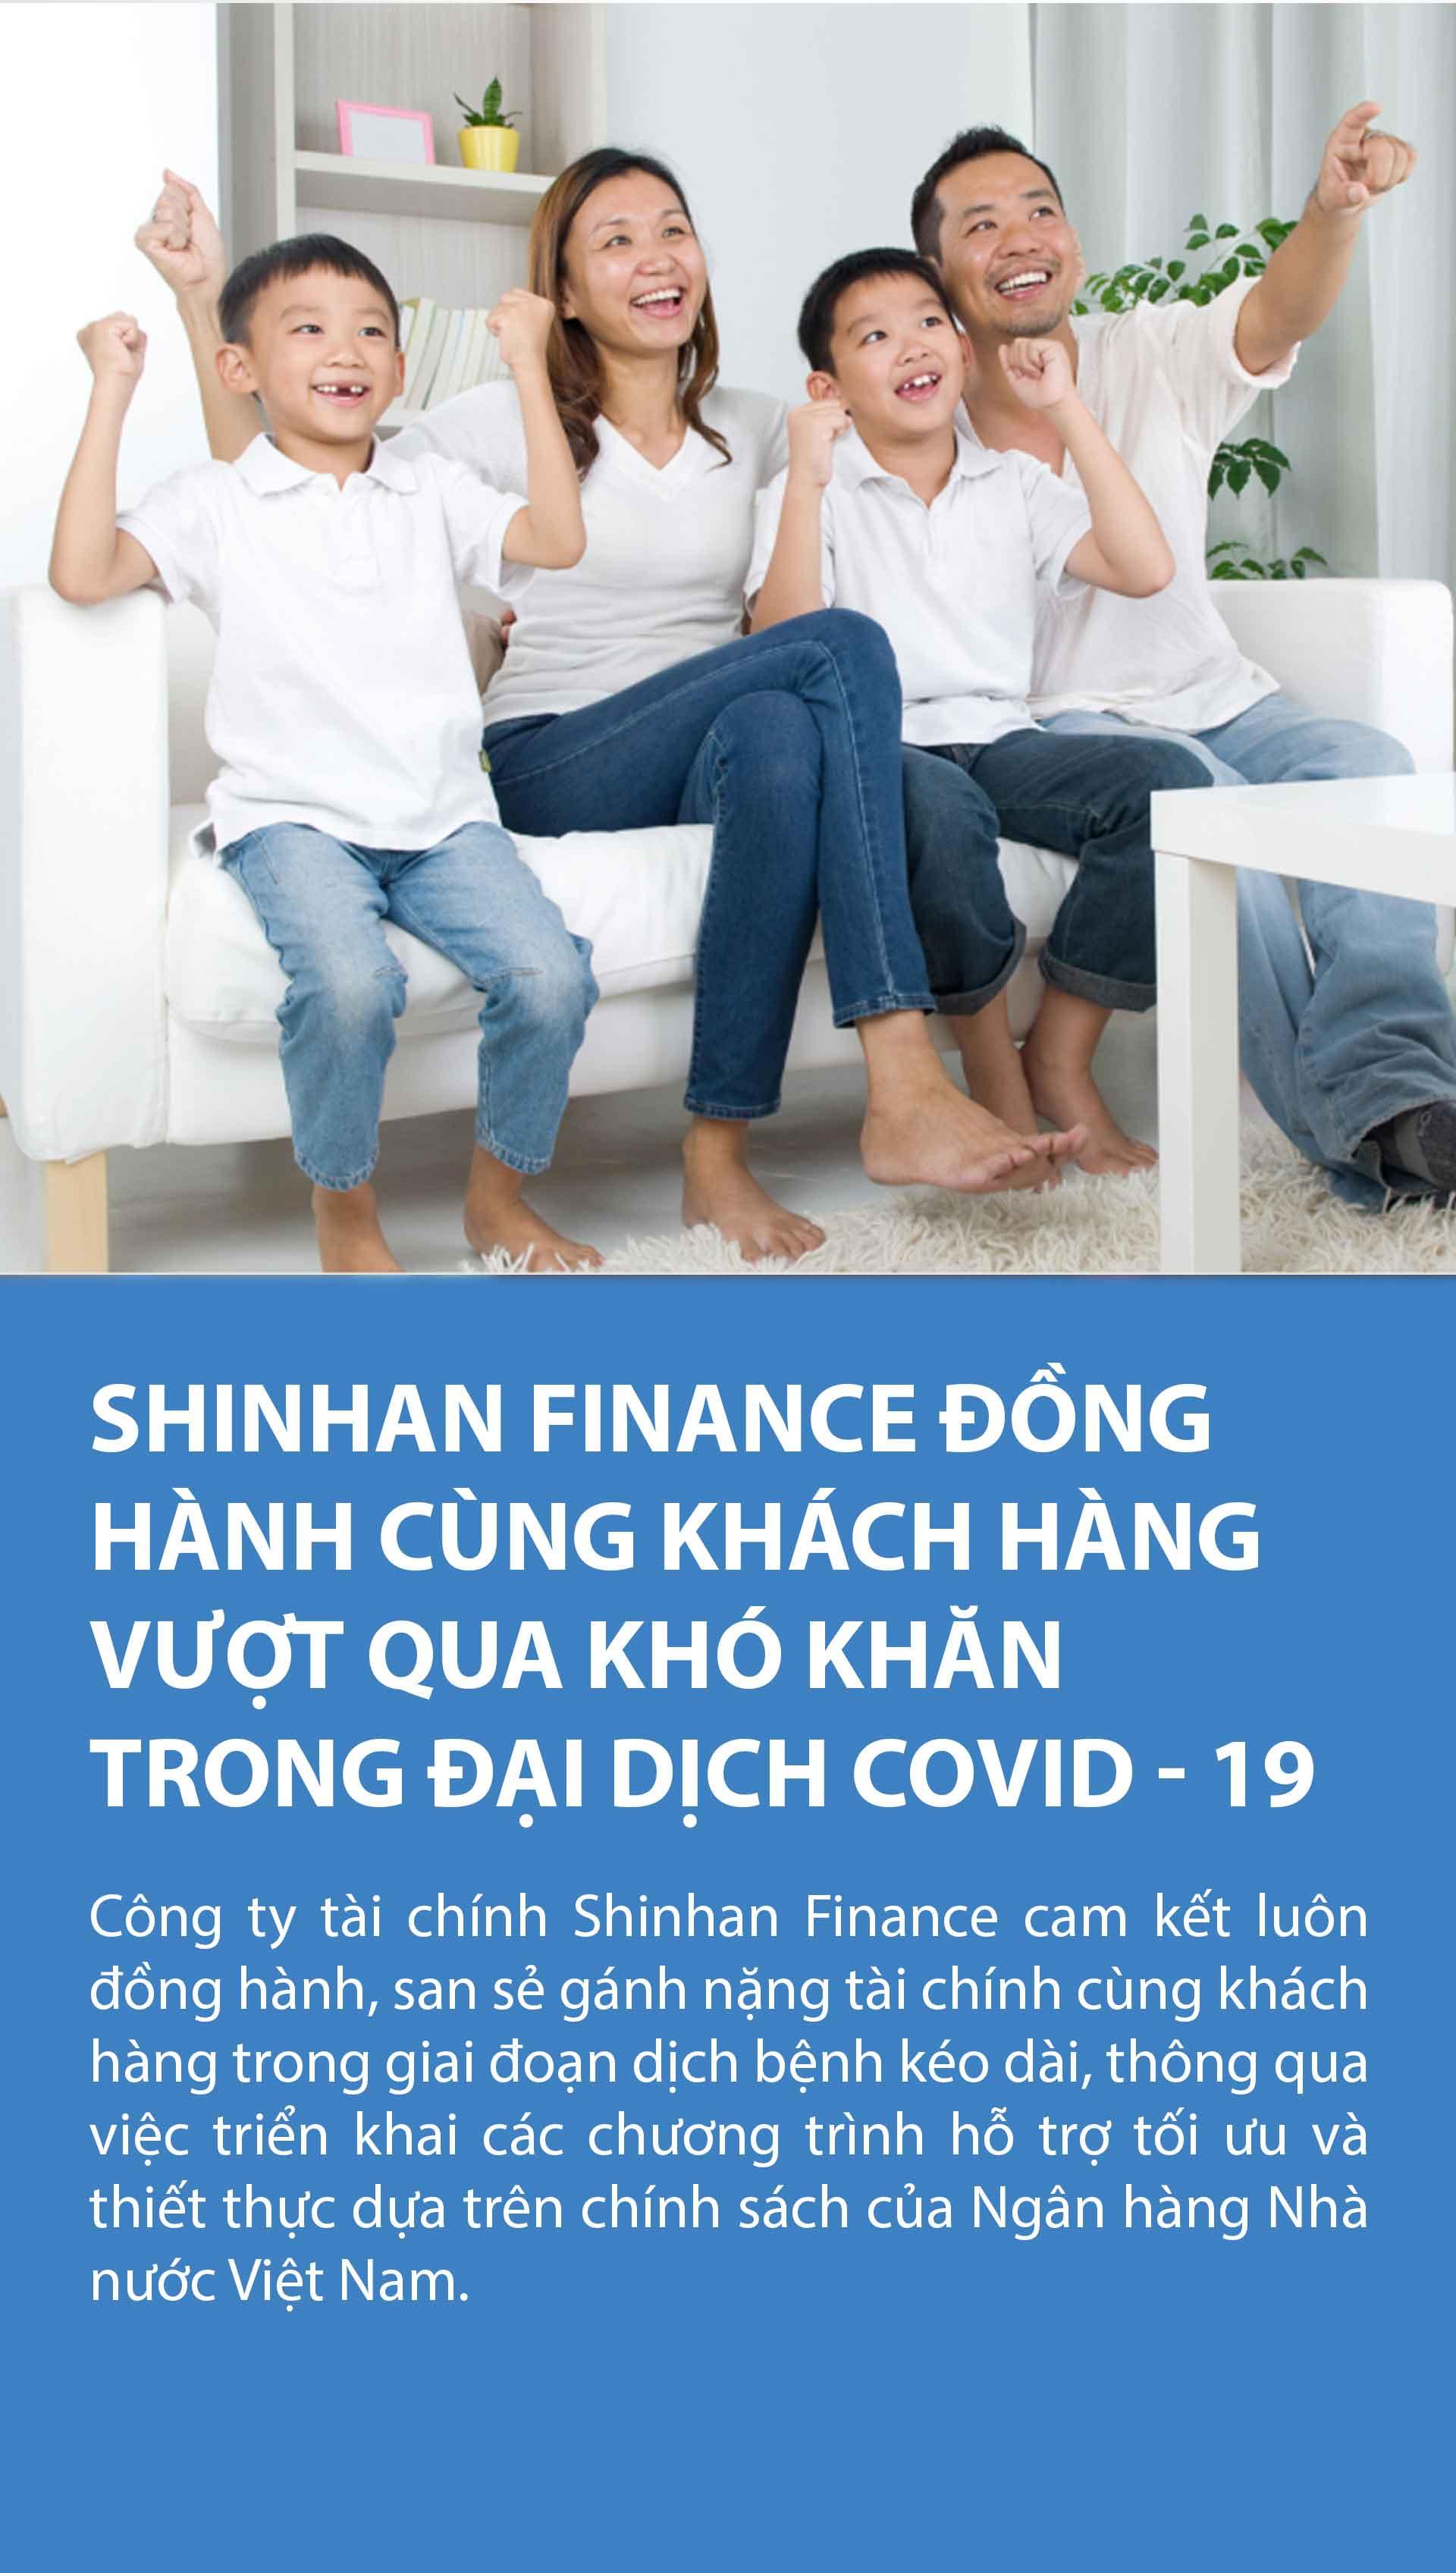 shinhanfinance